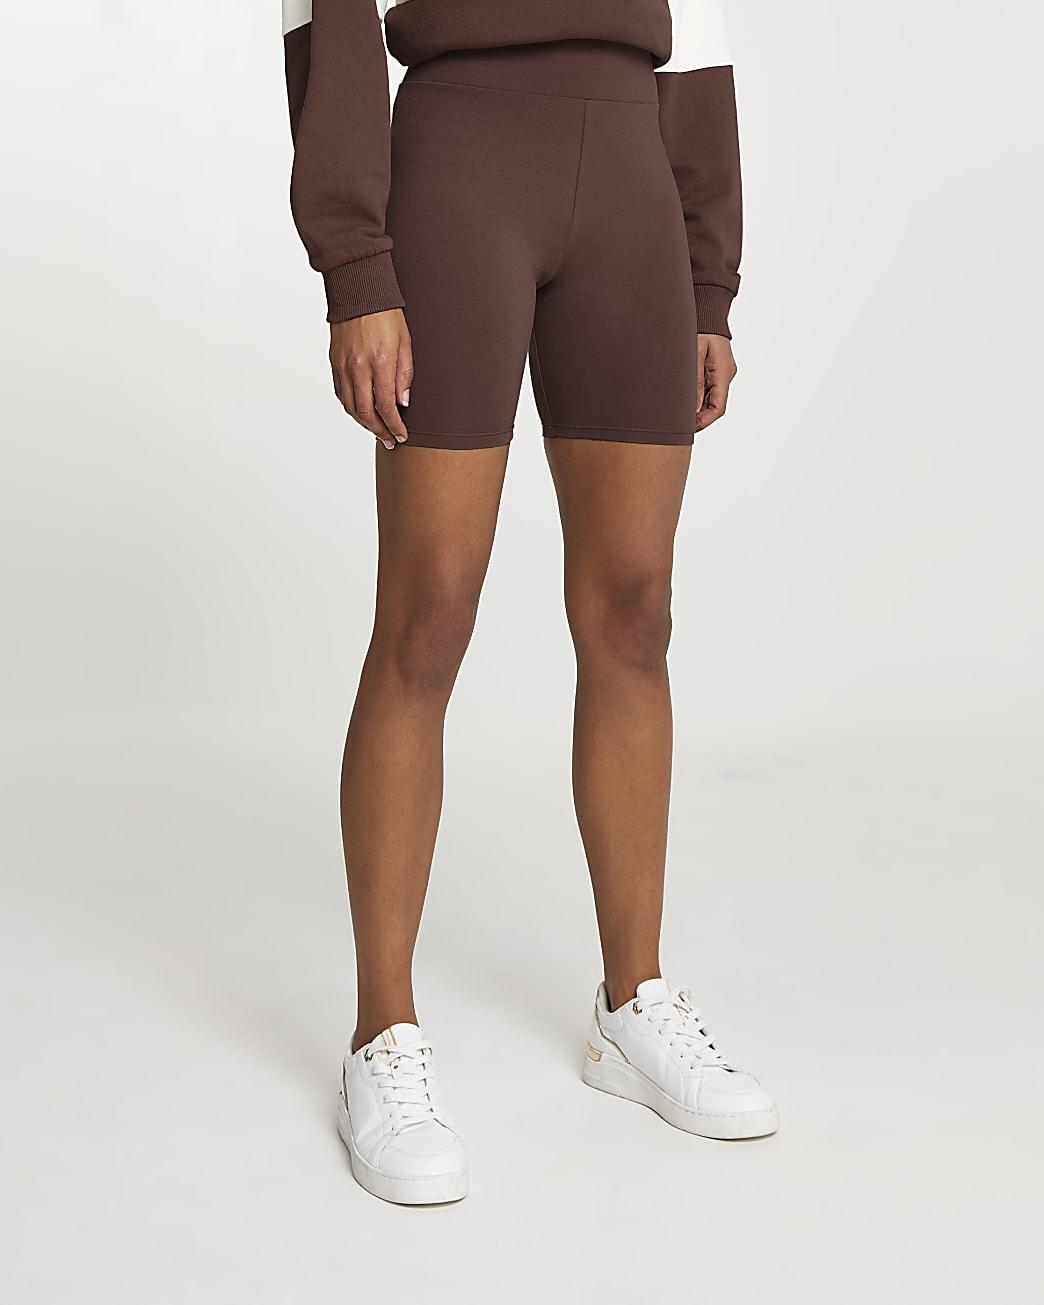 Brown cycling shorts